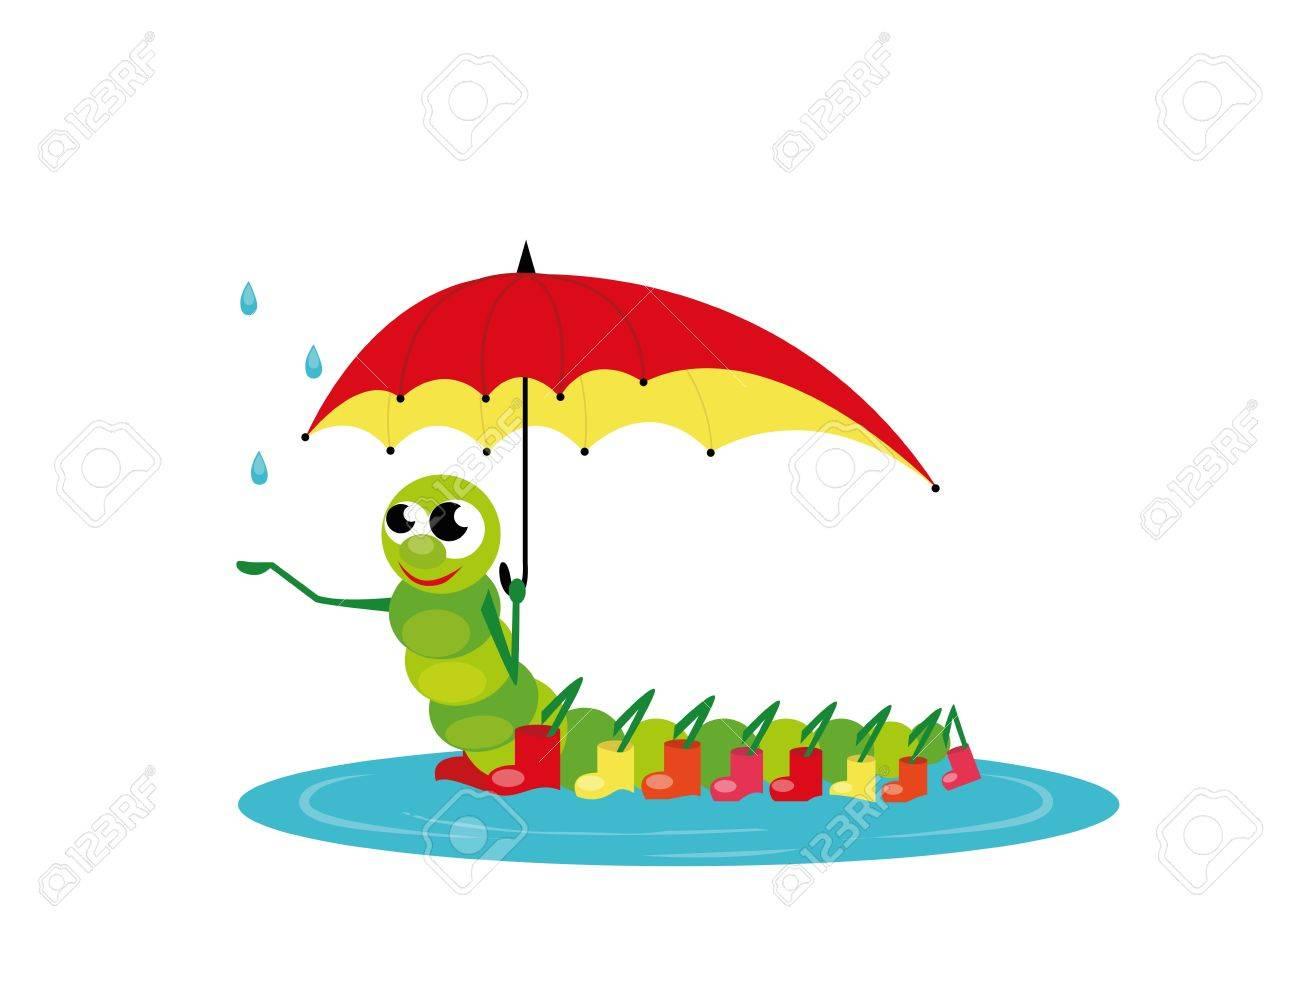 botte pluie chenille avec parapluie rouge et des bottes Illustration